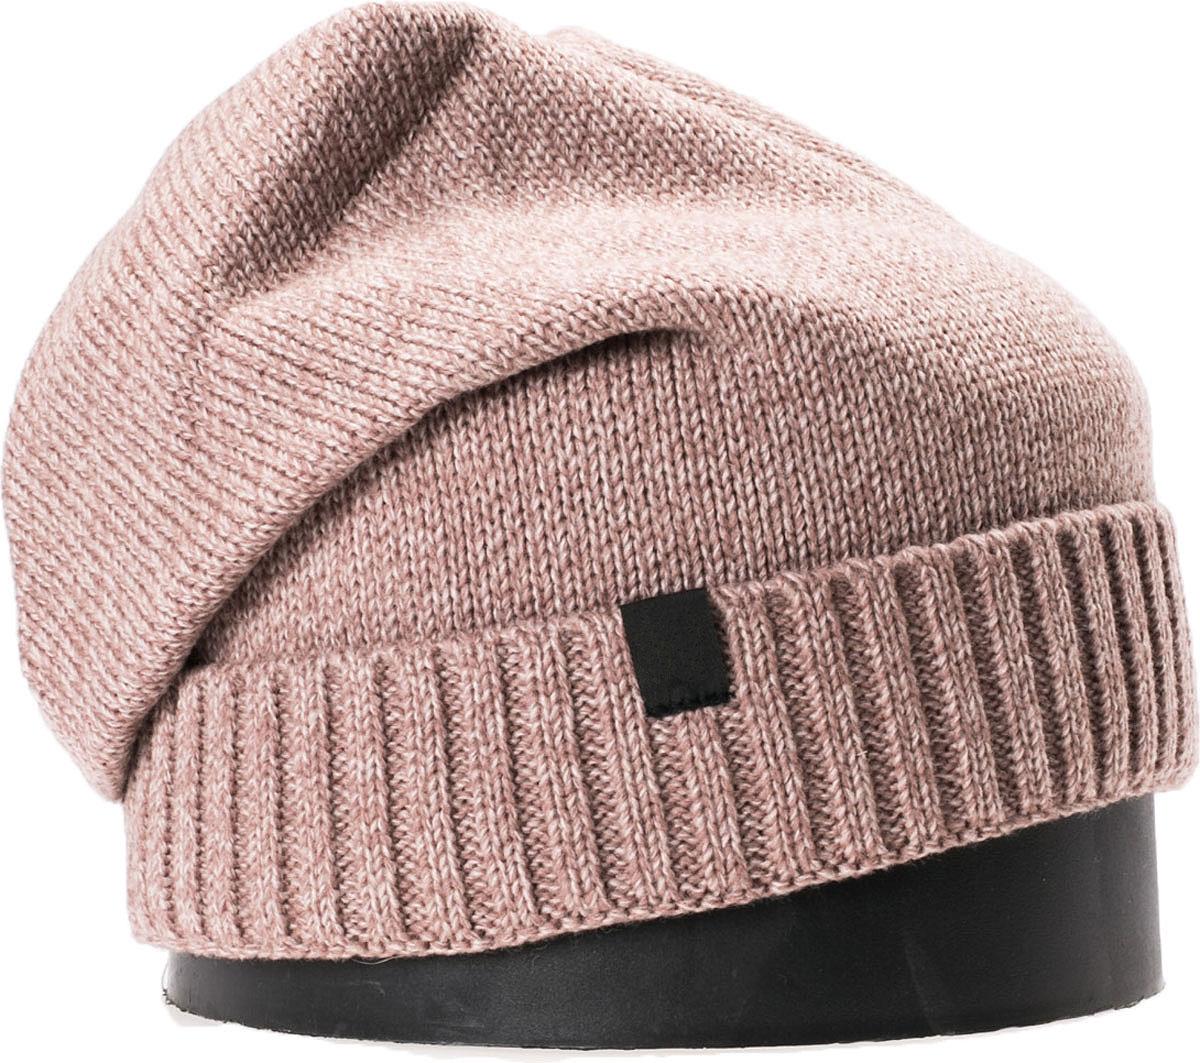 Шапка женская Vittorio Richi, цвет: бежевый меланж. NSH150705. Размер 56/58NSH150705Стильная женская шапка Vittorio Richi отлично дополнит ваш образ в холодную погоду. Модель, изготовленная из шерсти с добавлением полиамида, максимально сохраняет тепло и обеспечивает удобную посадку. Шапка дополнена сзади декоративным элементом и сбоку фирменной нашивкой. Привлекательная стильная шапка подчеркнет ваш неповторимый стиль и индивидуальность.